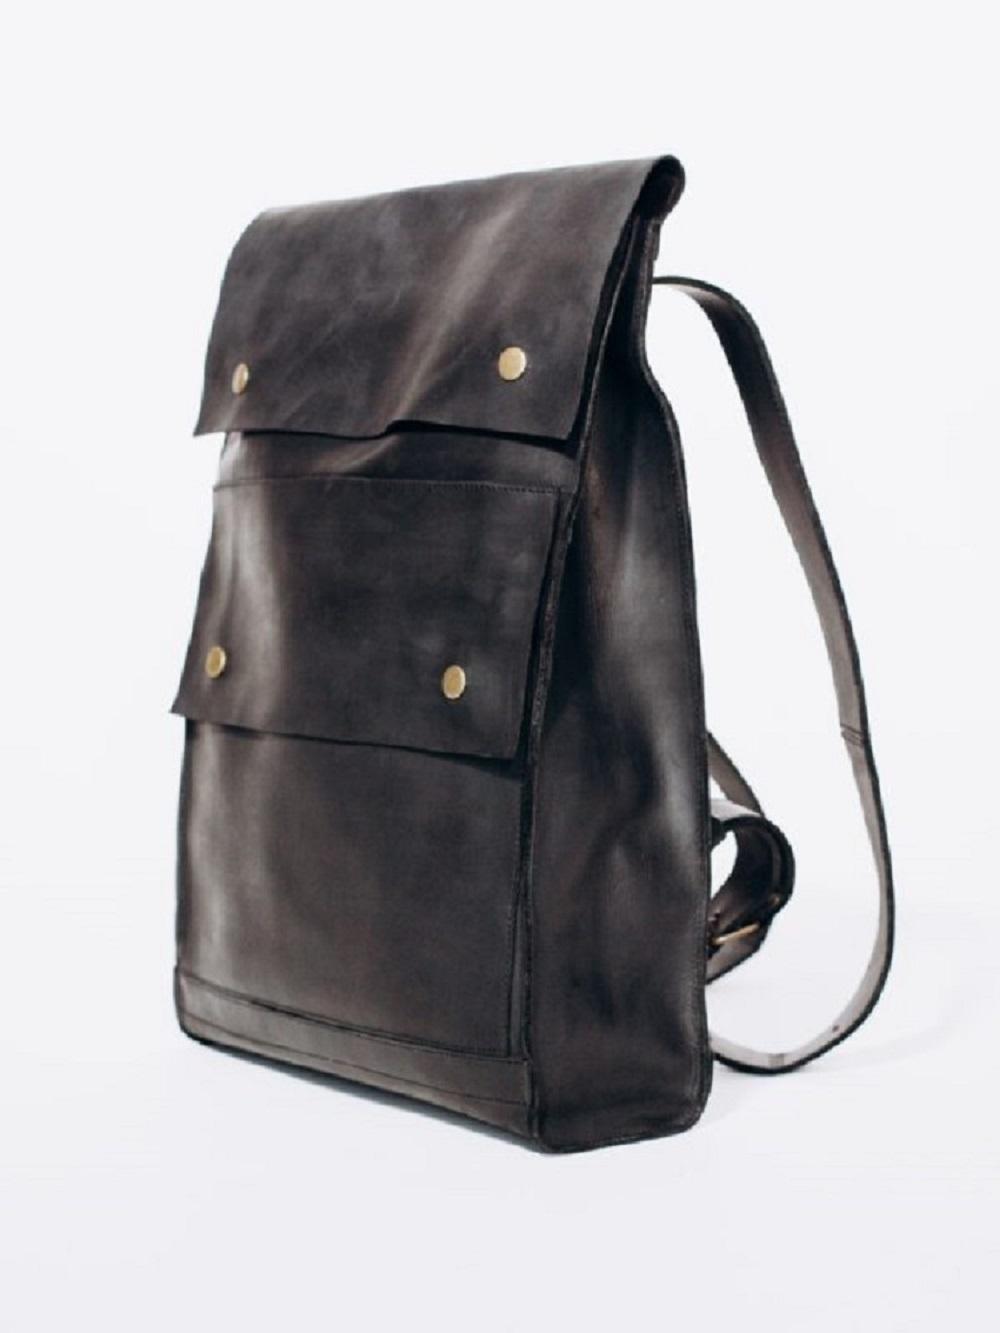 PLECAK P01 DEEP BLACK -plecak ze skóry naturalnej - plecak czarny retro -  Lezerton